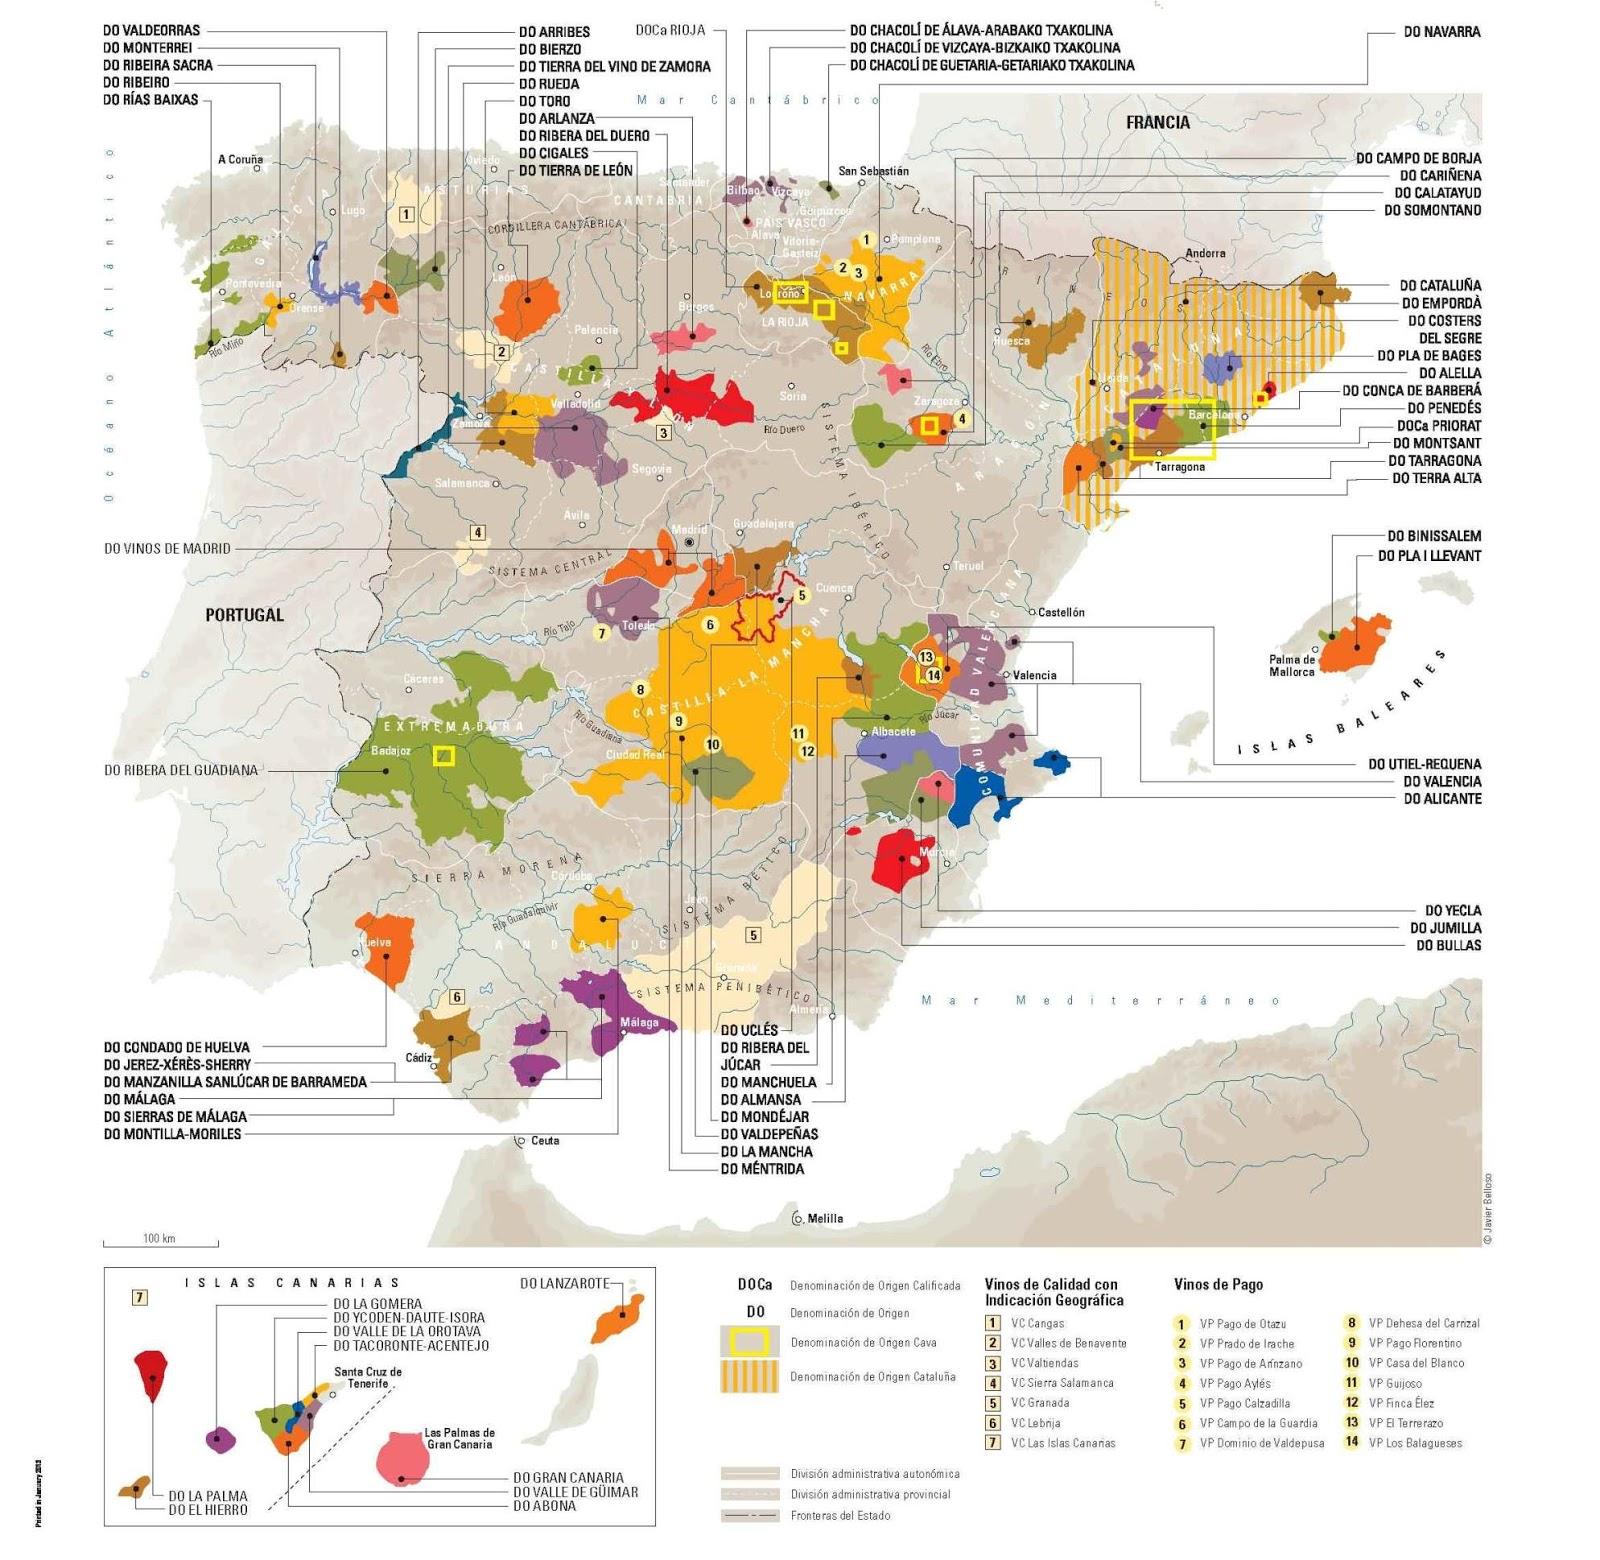 Mapa de las DO de vino españolas 2013